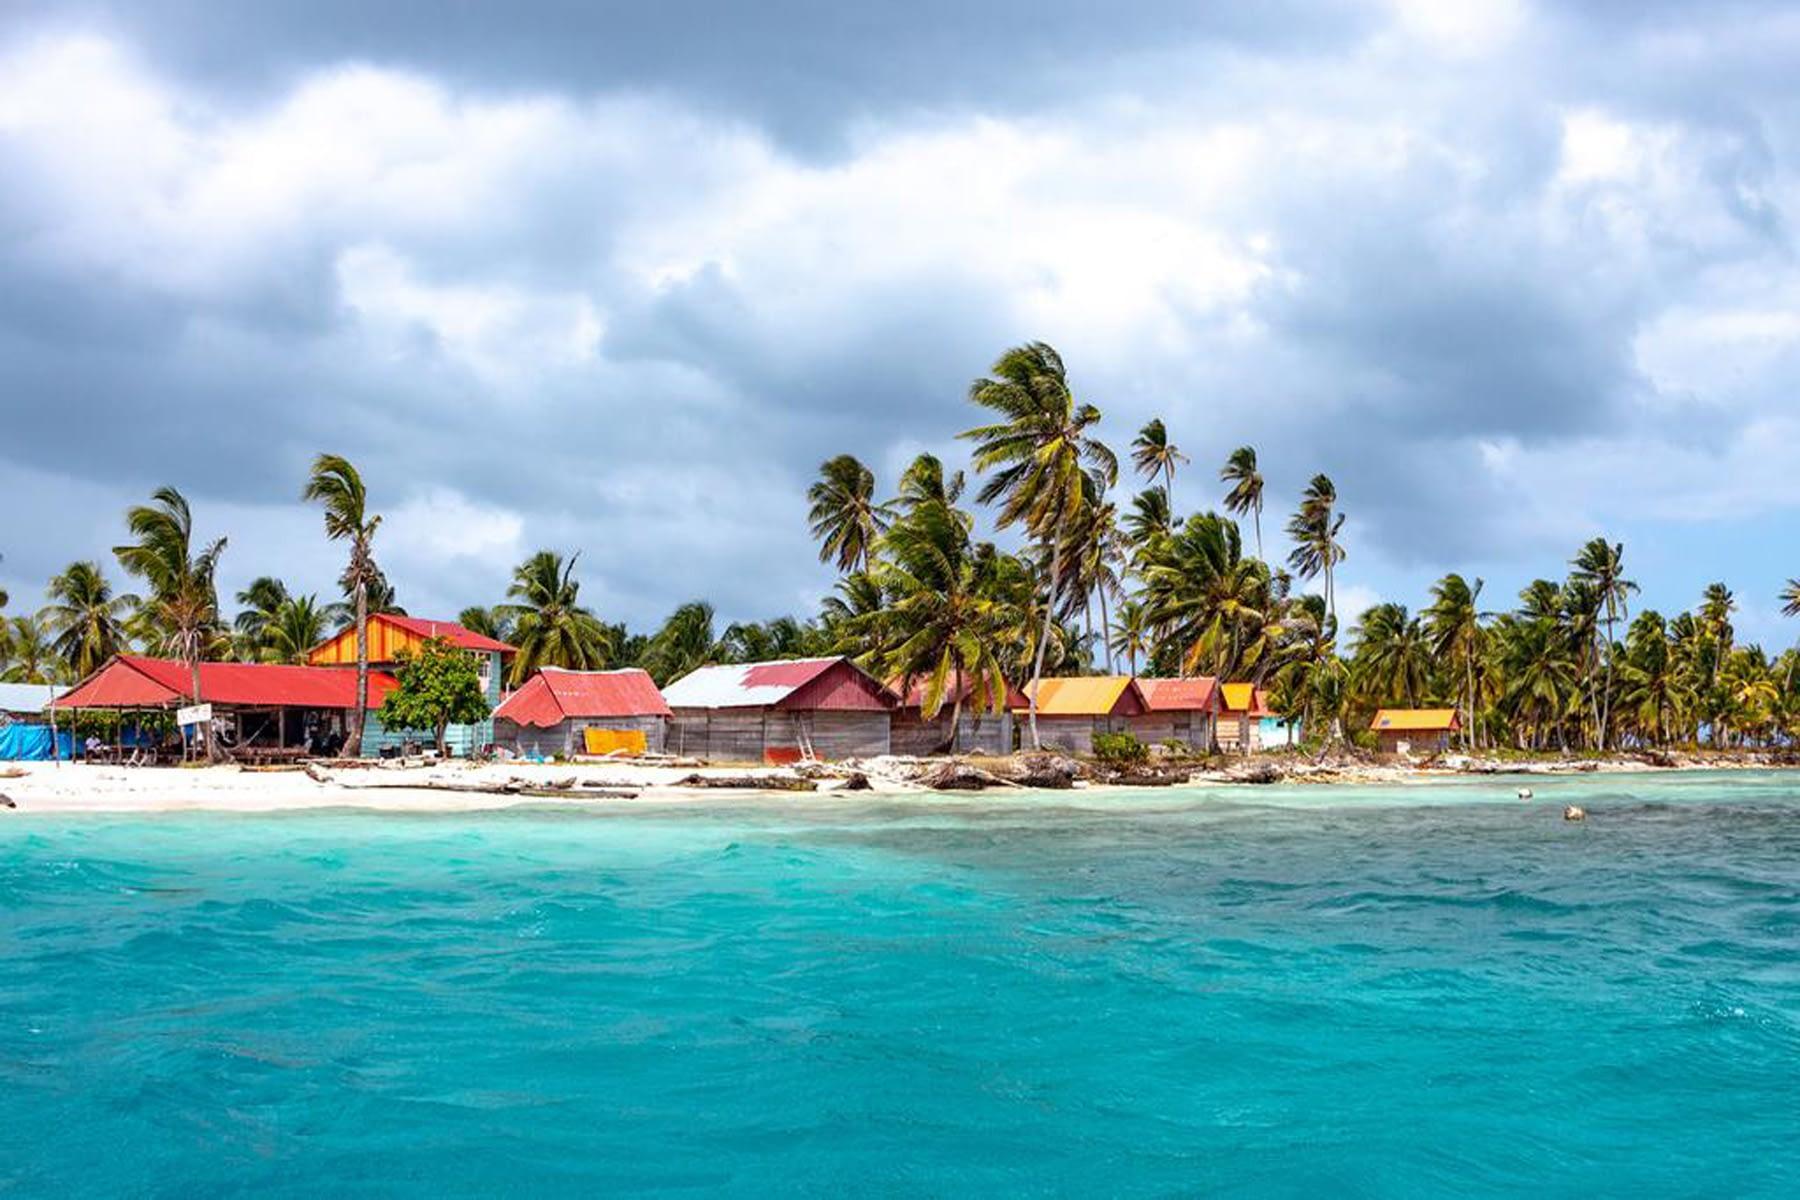 Vista lateral de la isla Niadub